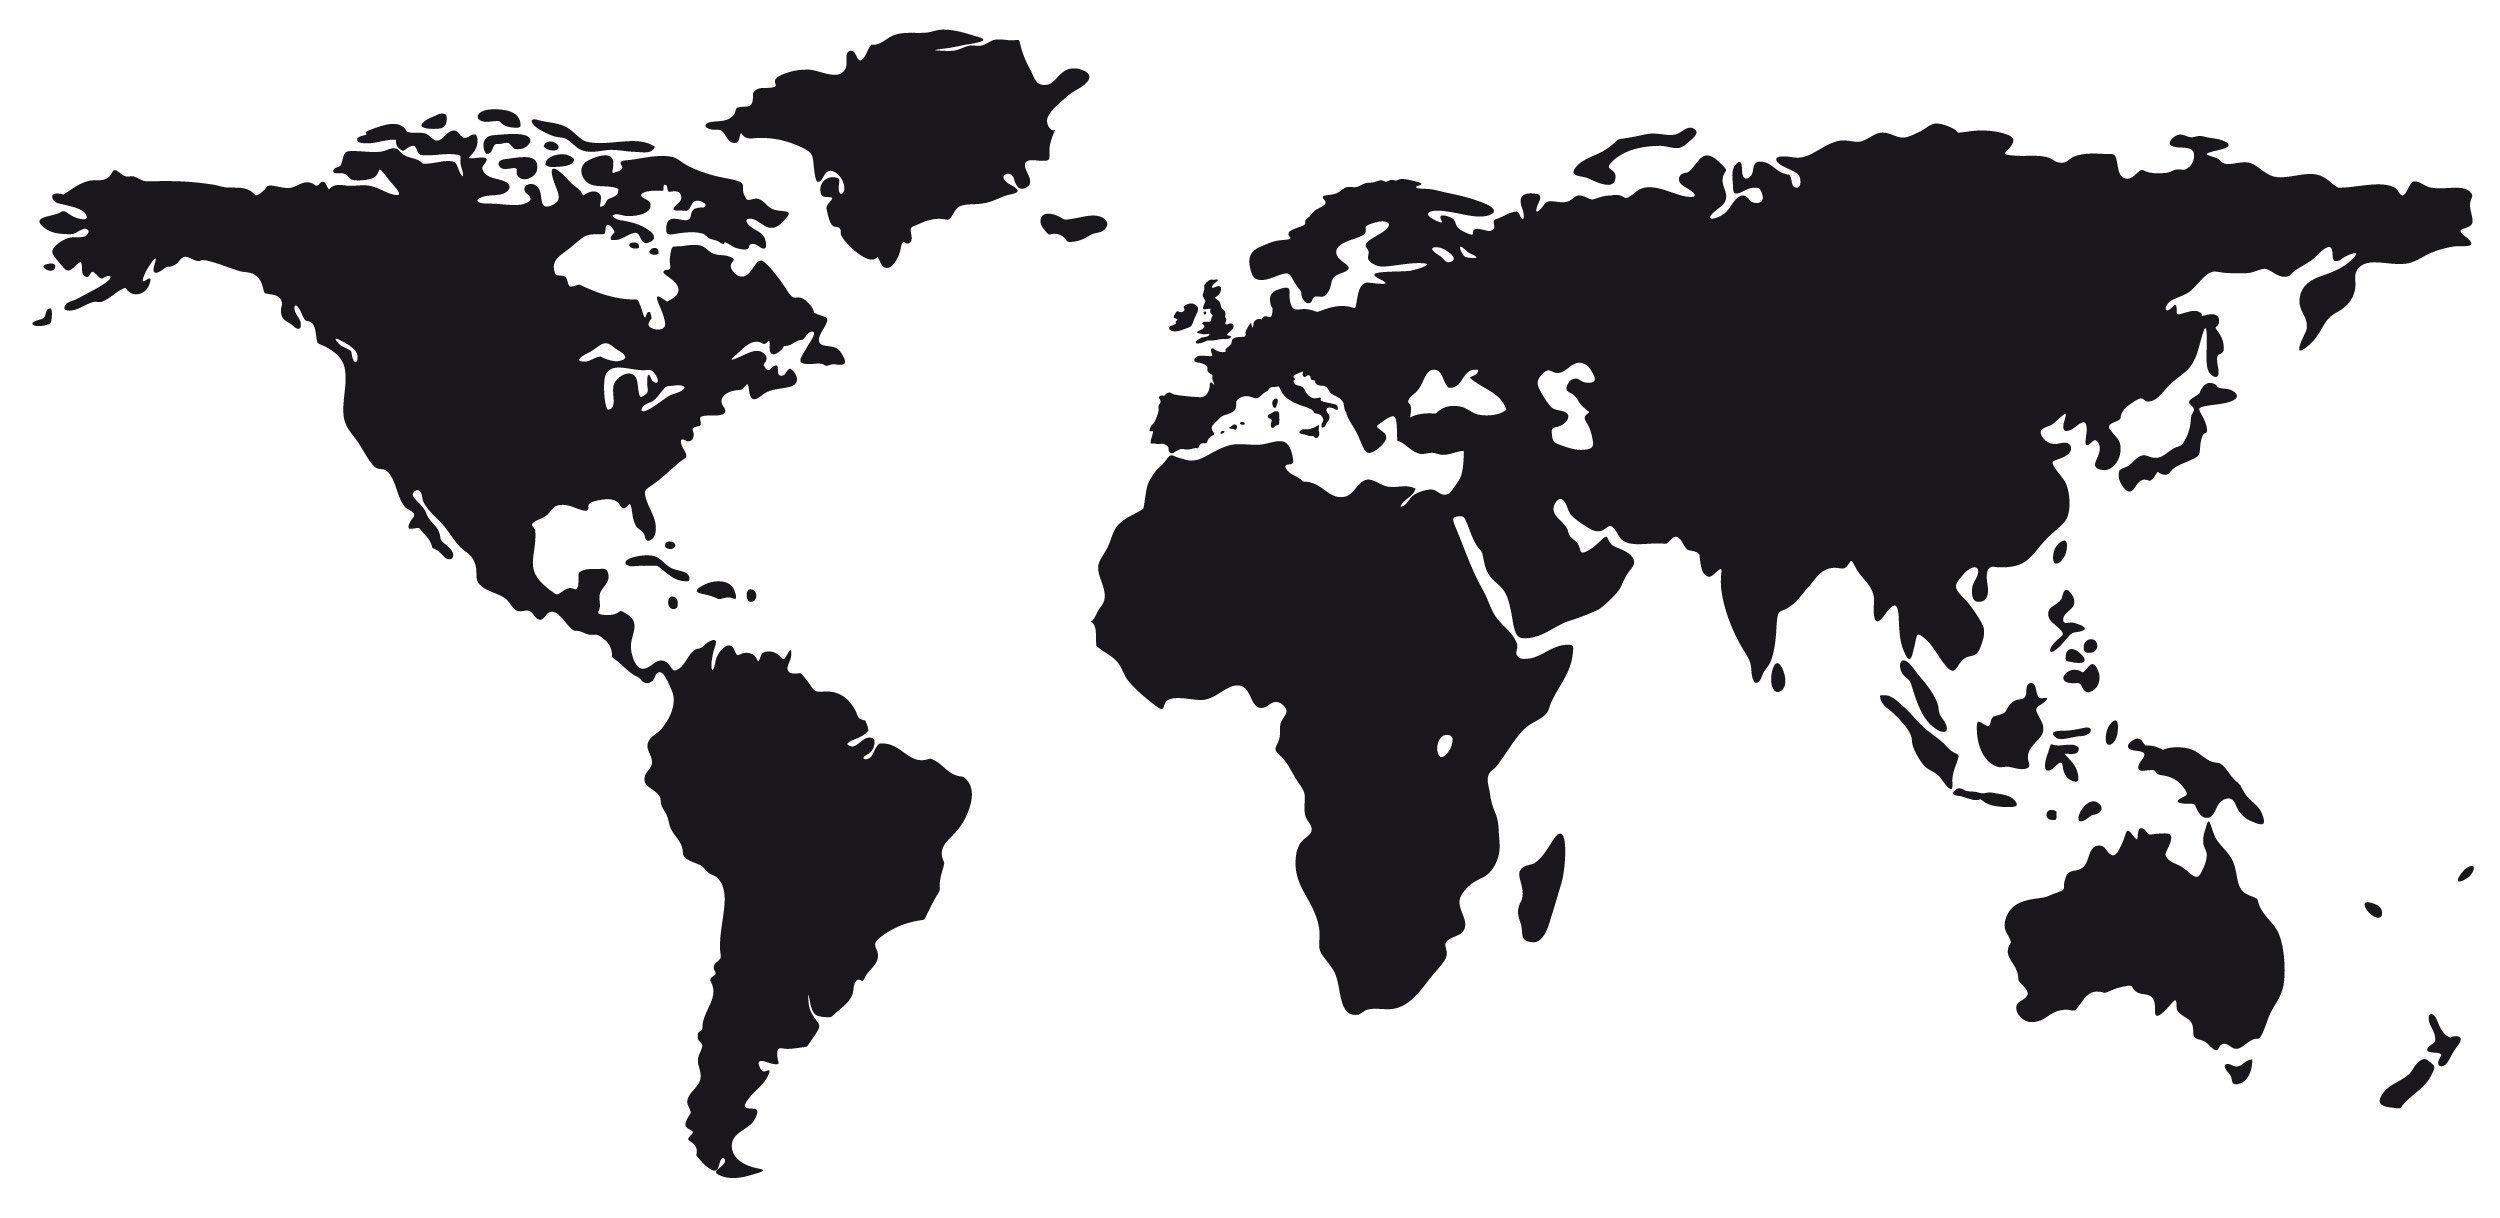 ¿Cuántas regiones hay en el mundo para jugar a league of legends?